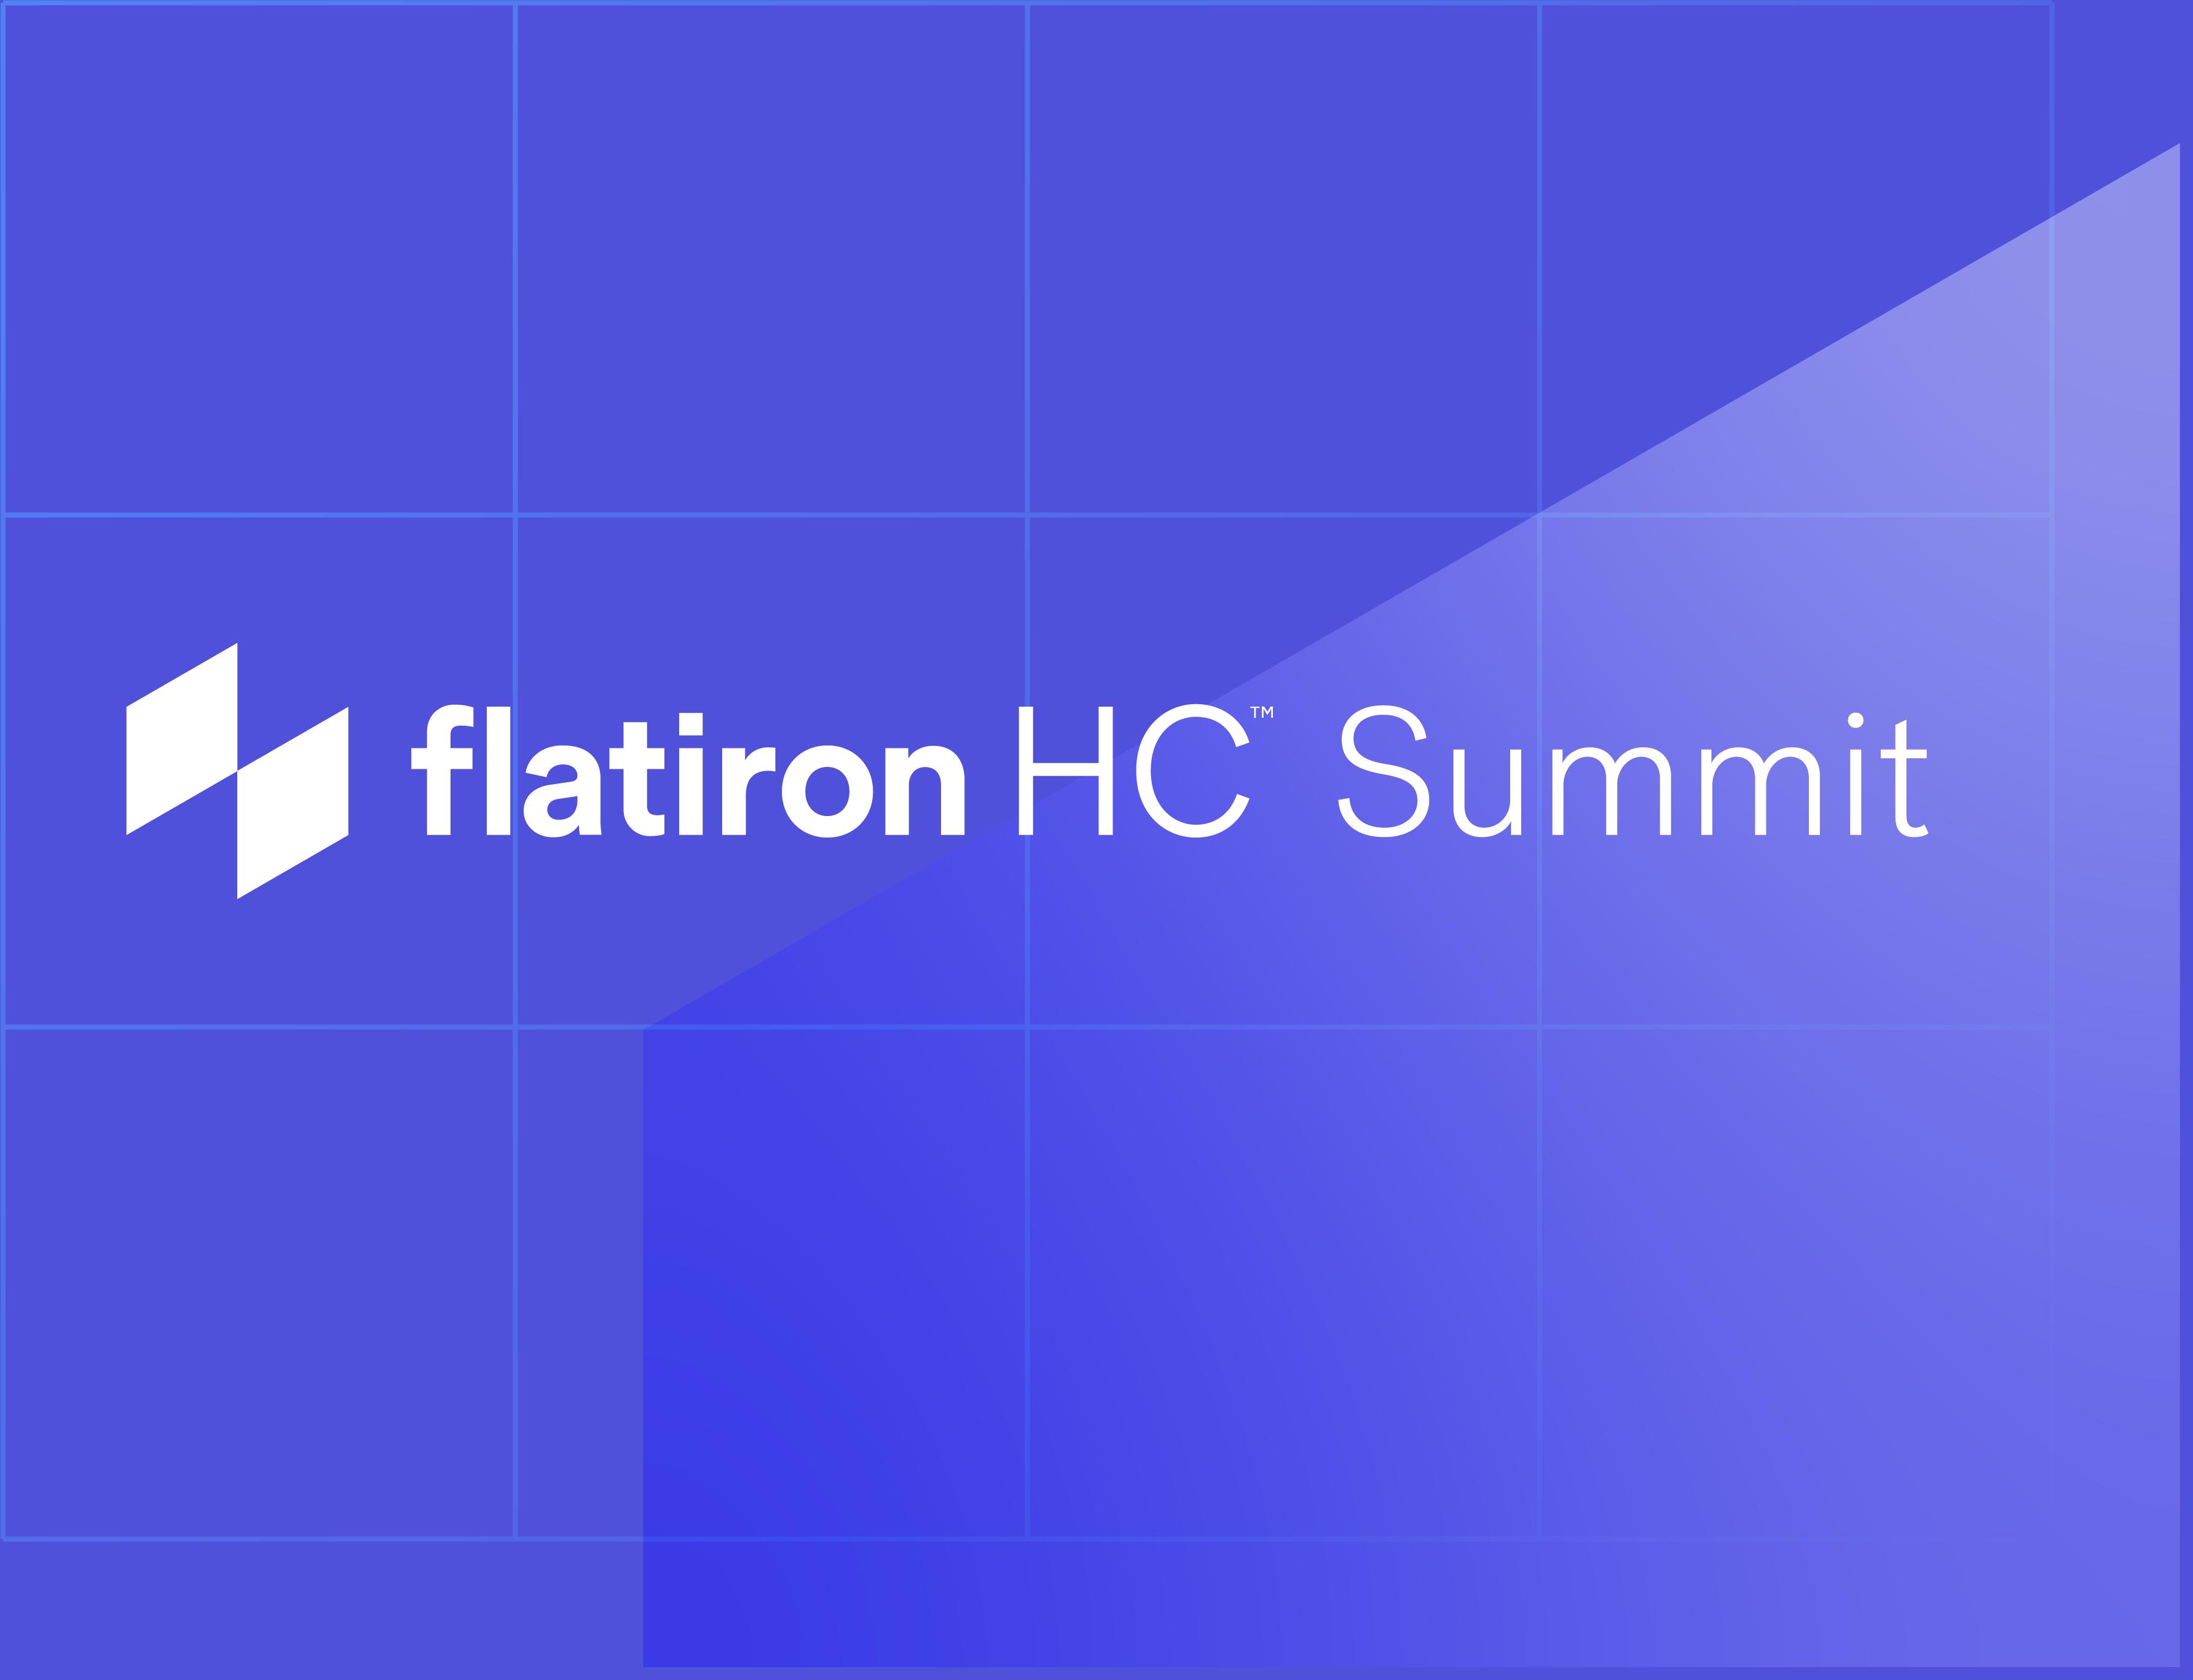 Flatiron HC Summit